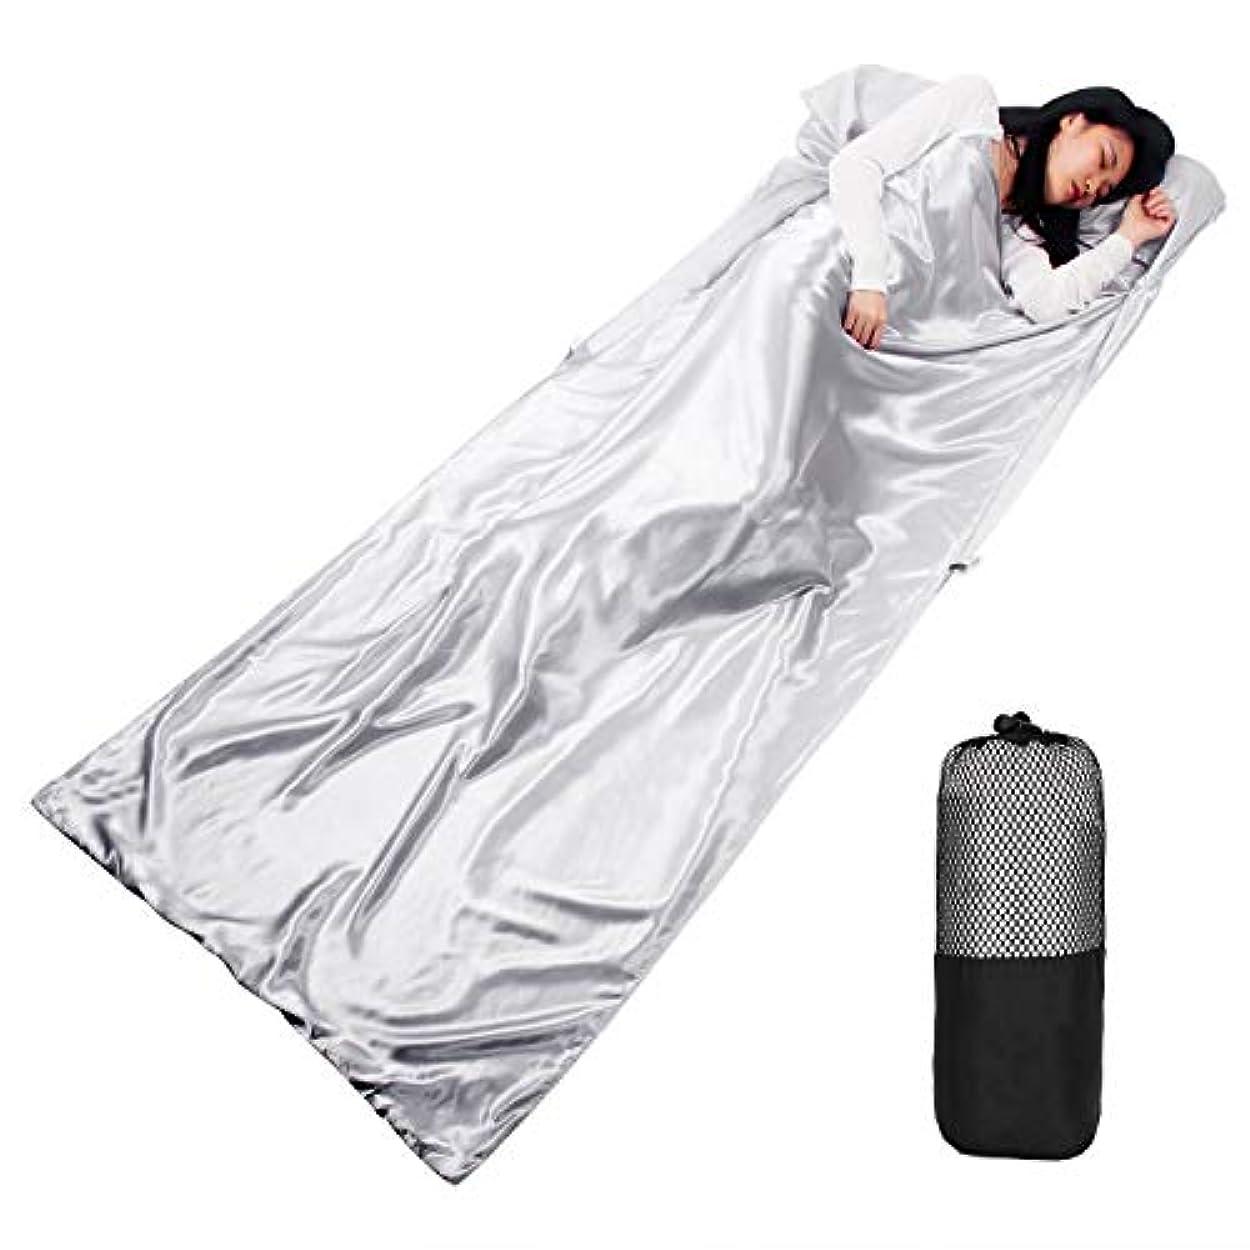 悲劇的なヘビ種をまく寝袋 ライナー 旅行 寝袋 良い 触れる 歩く 防災 テント キャンプ 車 車 地震 災害 収納袋